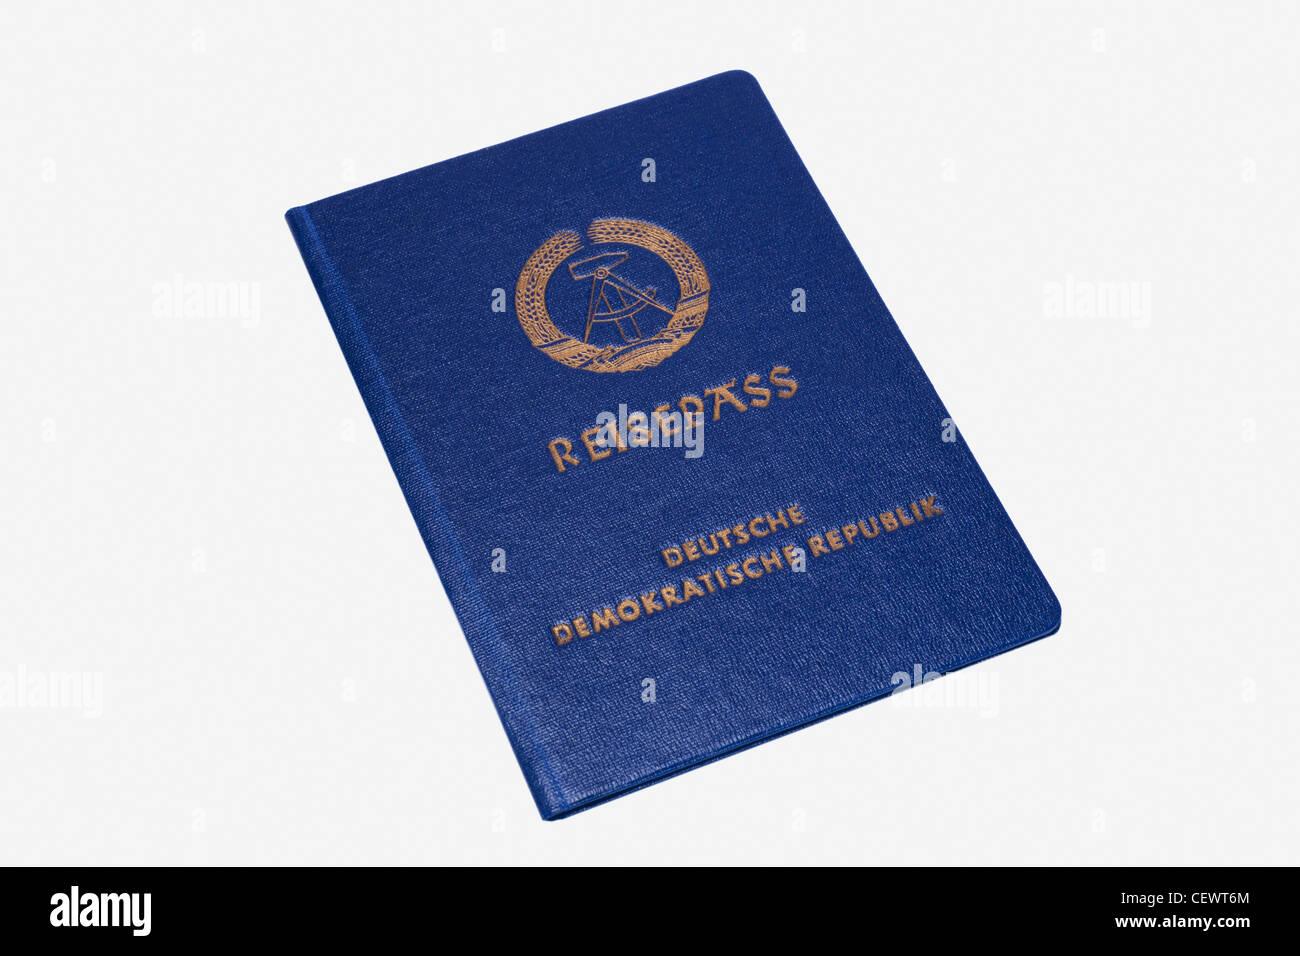 Detailansicht eines Reisepasses der DDR ausgestellt am 10.05.1988 | Detail photo of a passport from GDR, issued - Stock Image